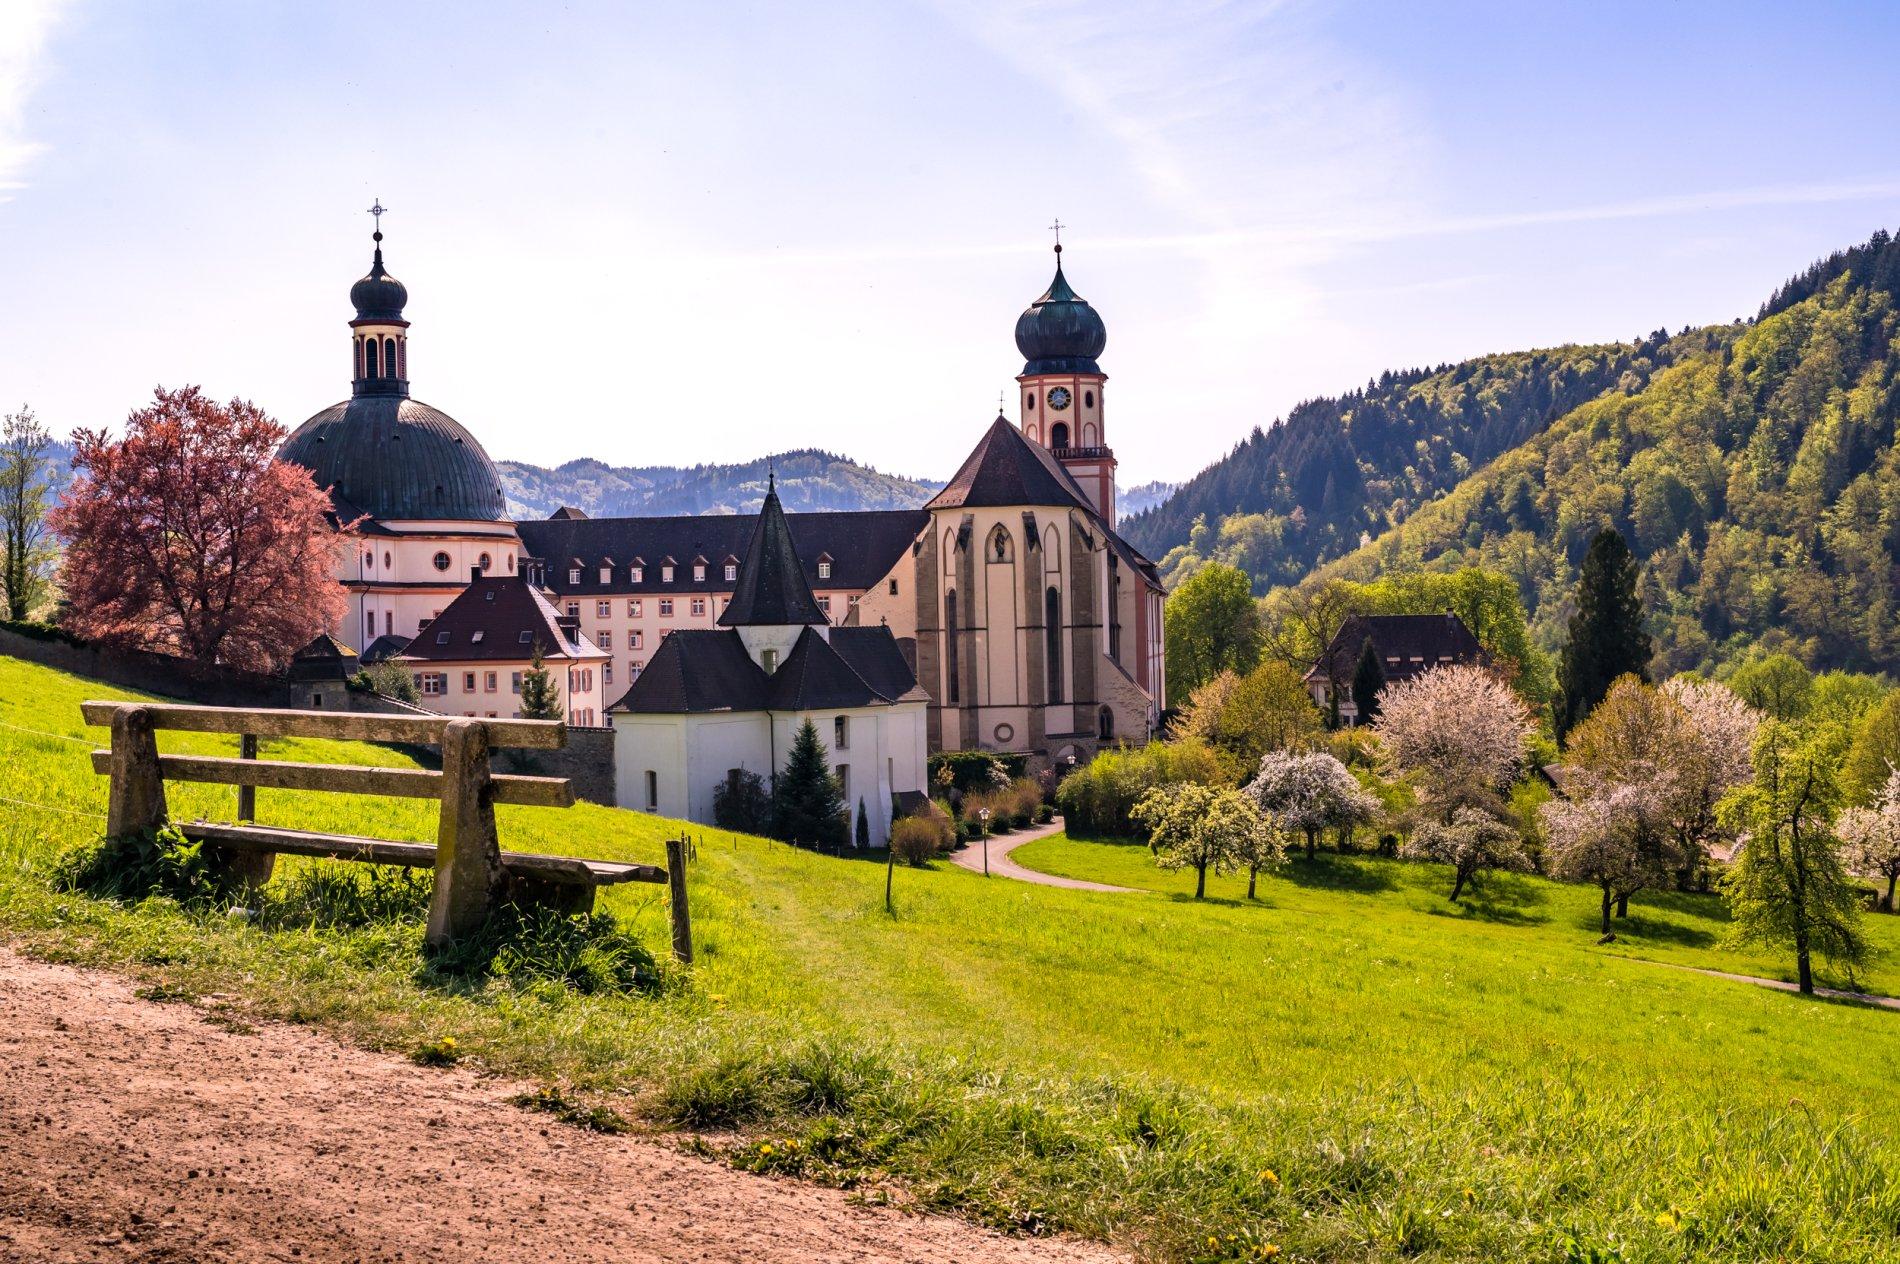 Blick auf eine weitläufige Wiese, im nahen Hintergrund das Kloster aus der Seitenansicht